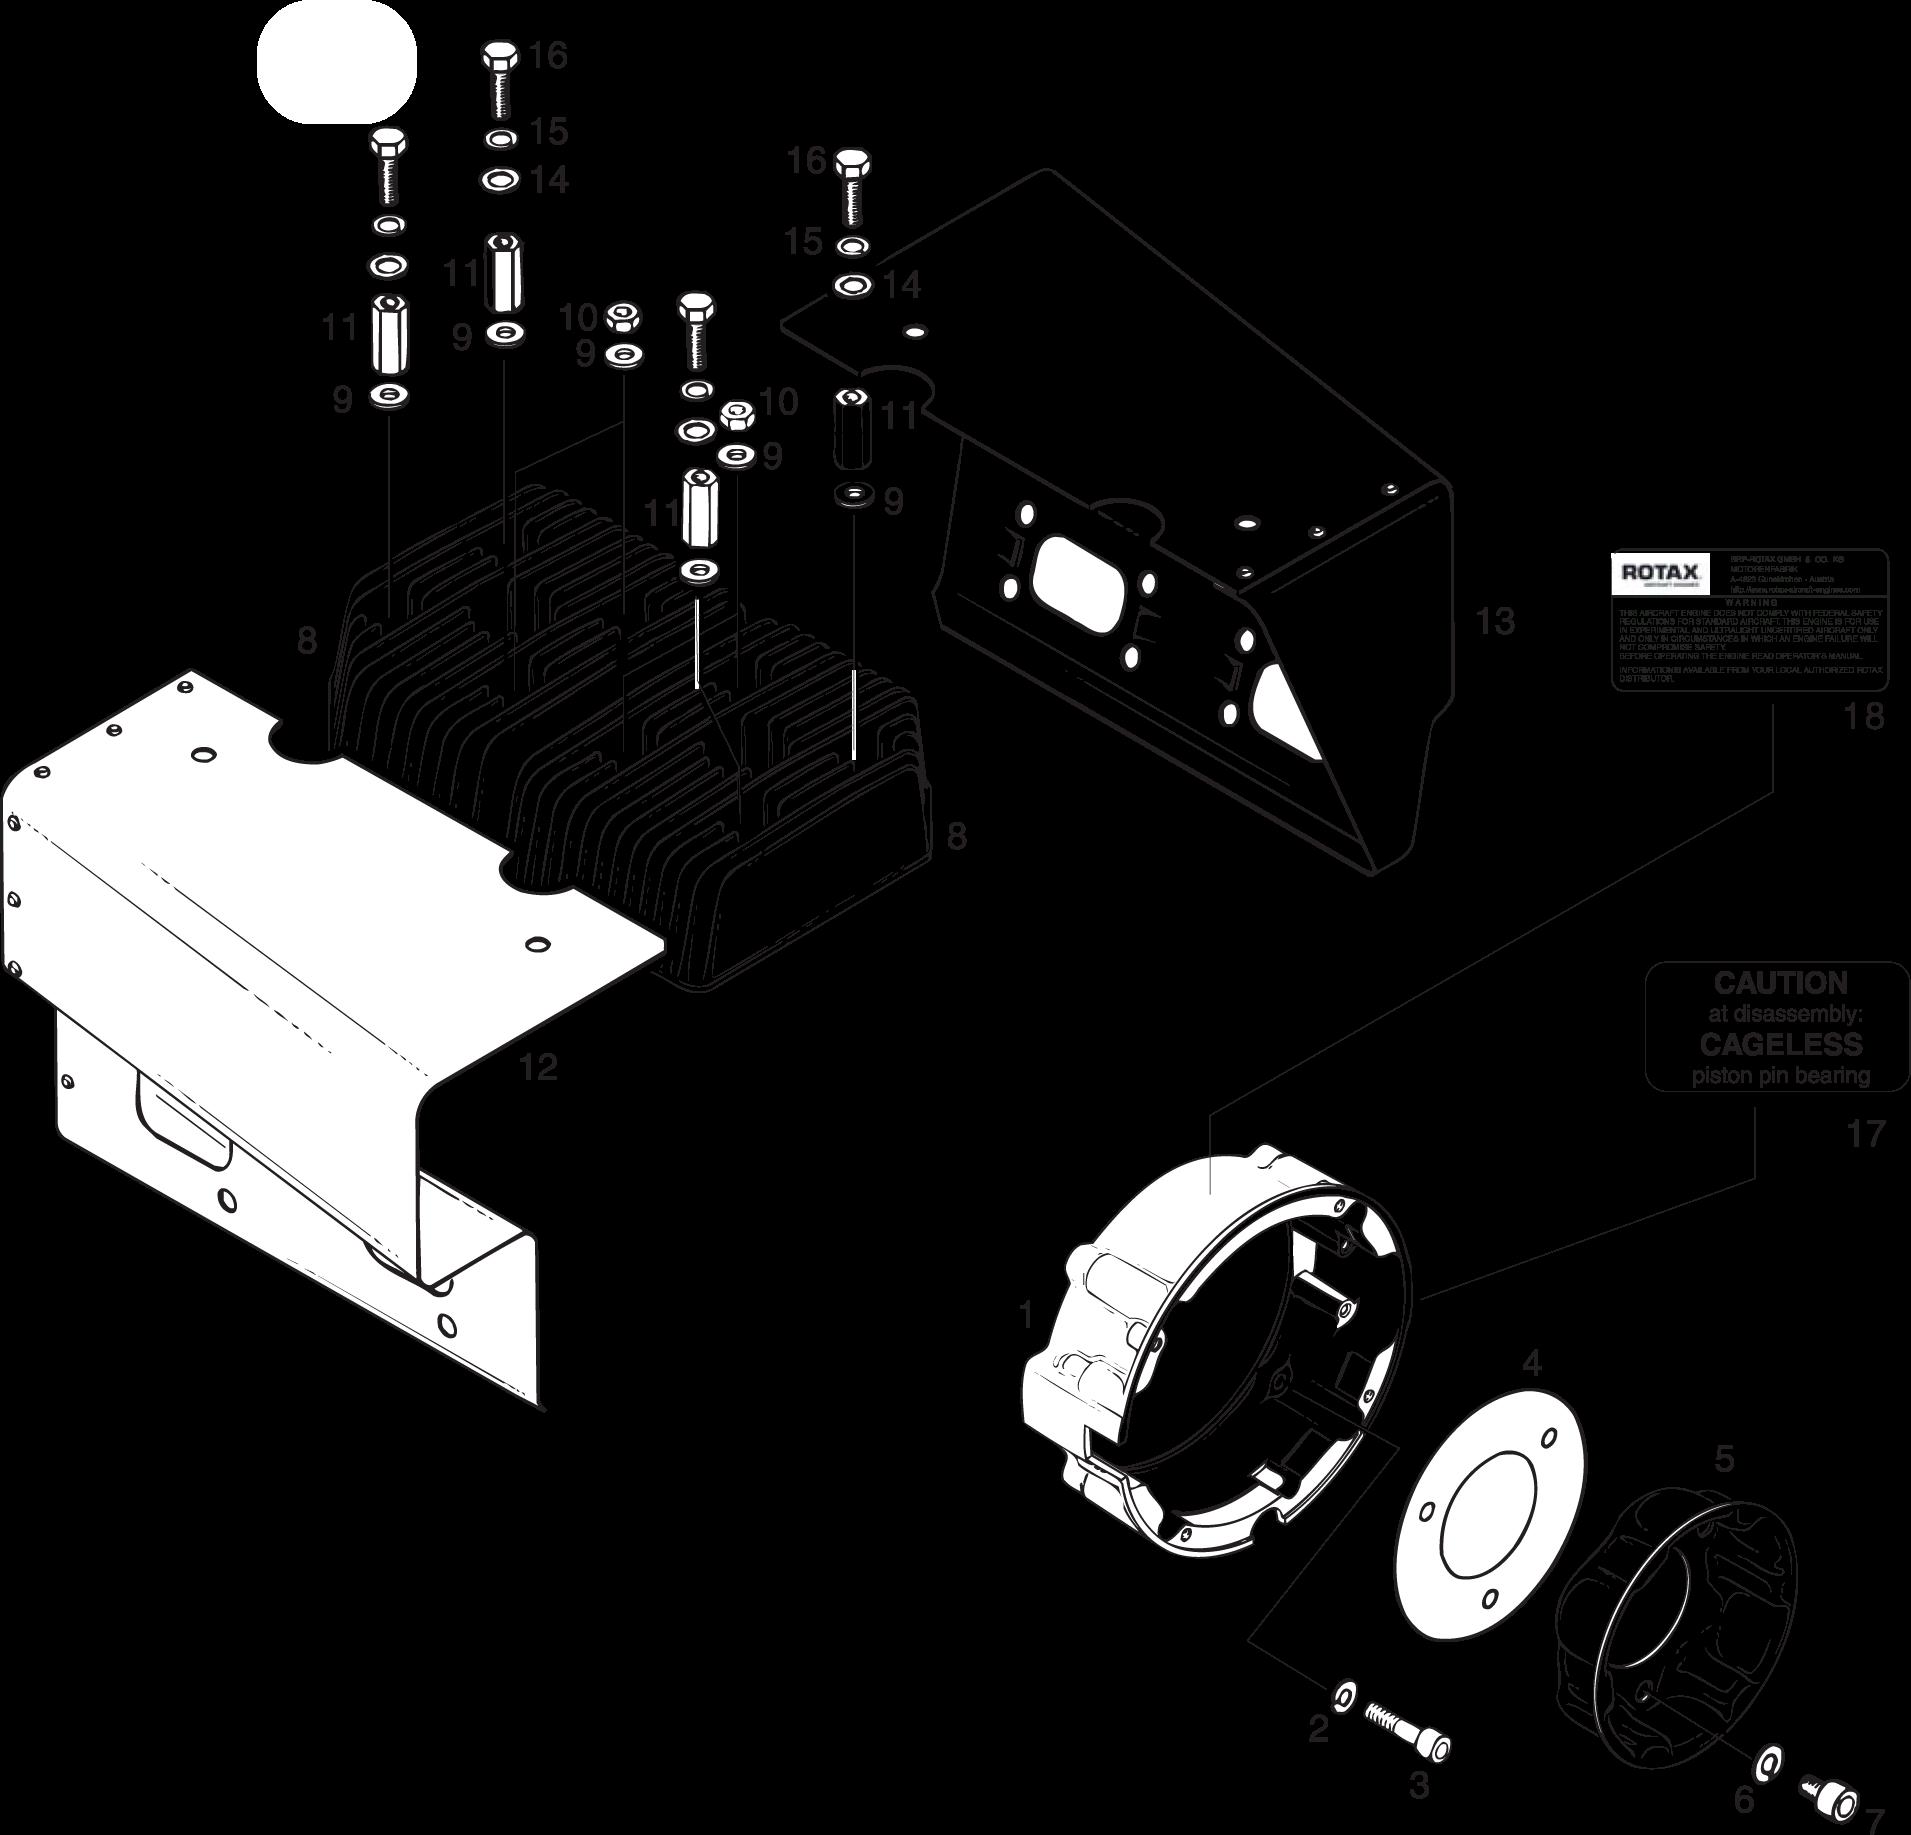 1987 suzuki samurai wiring diagram  suzuki  auto wiring